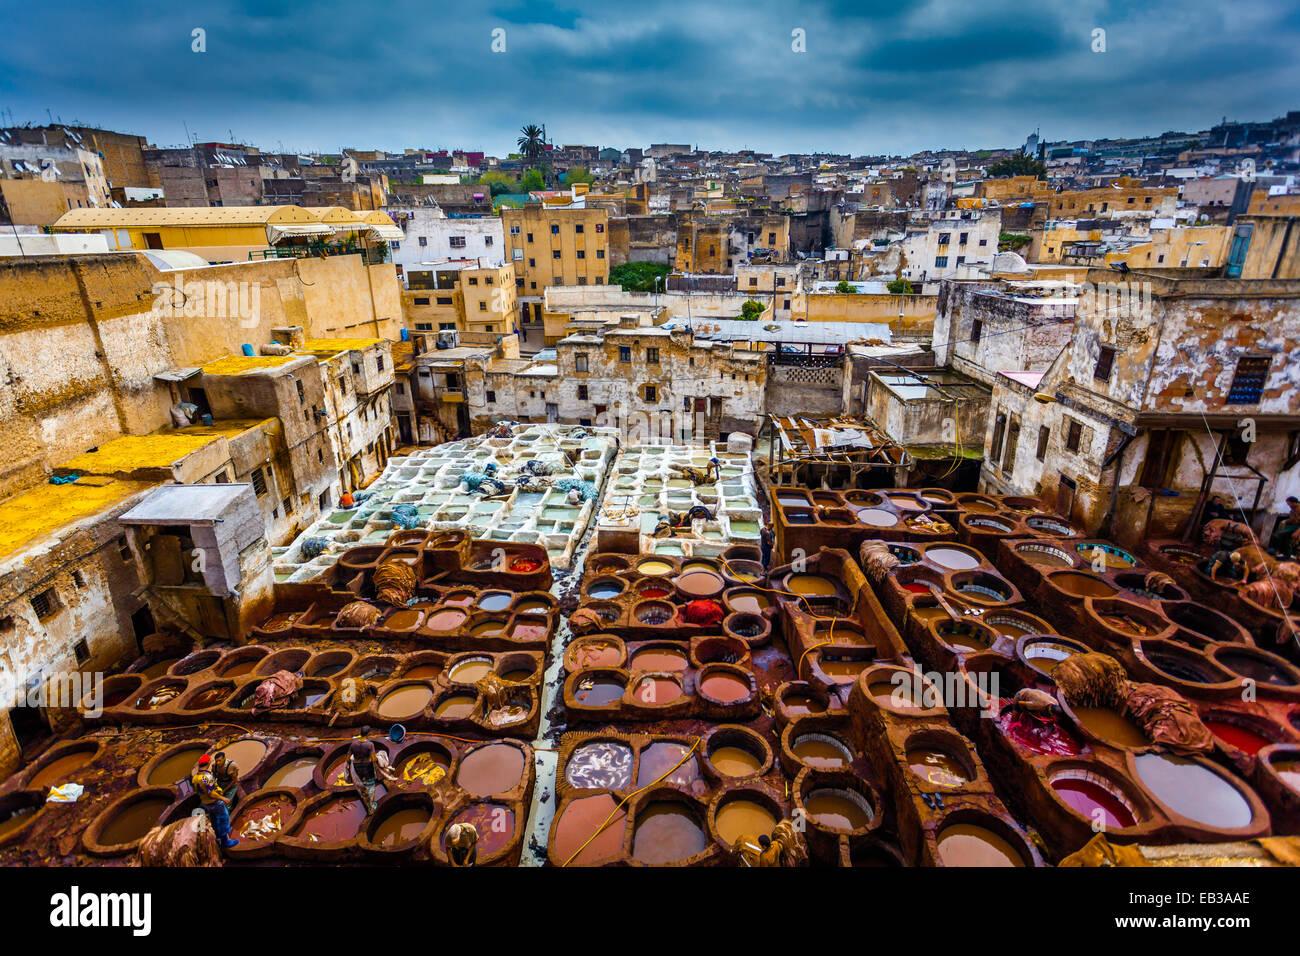 Marruecos, Fes, Medina, curtiembres souk Imagen De Stock